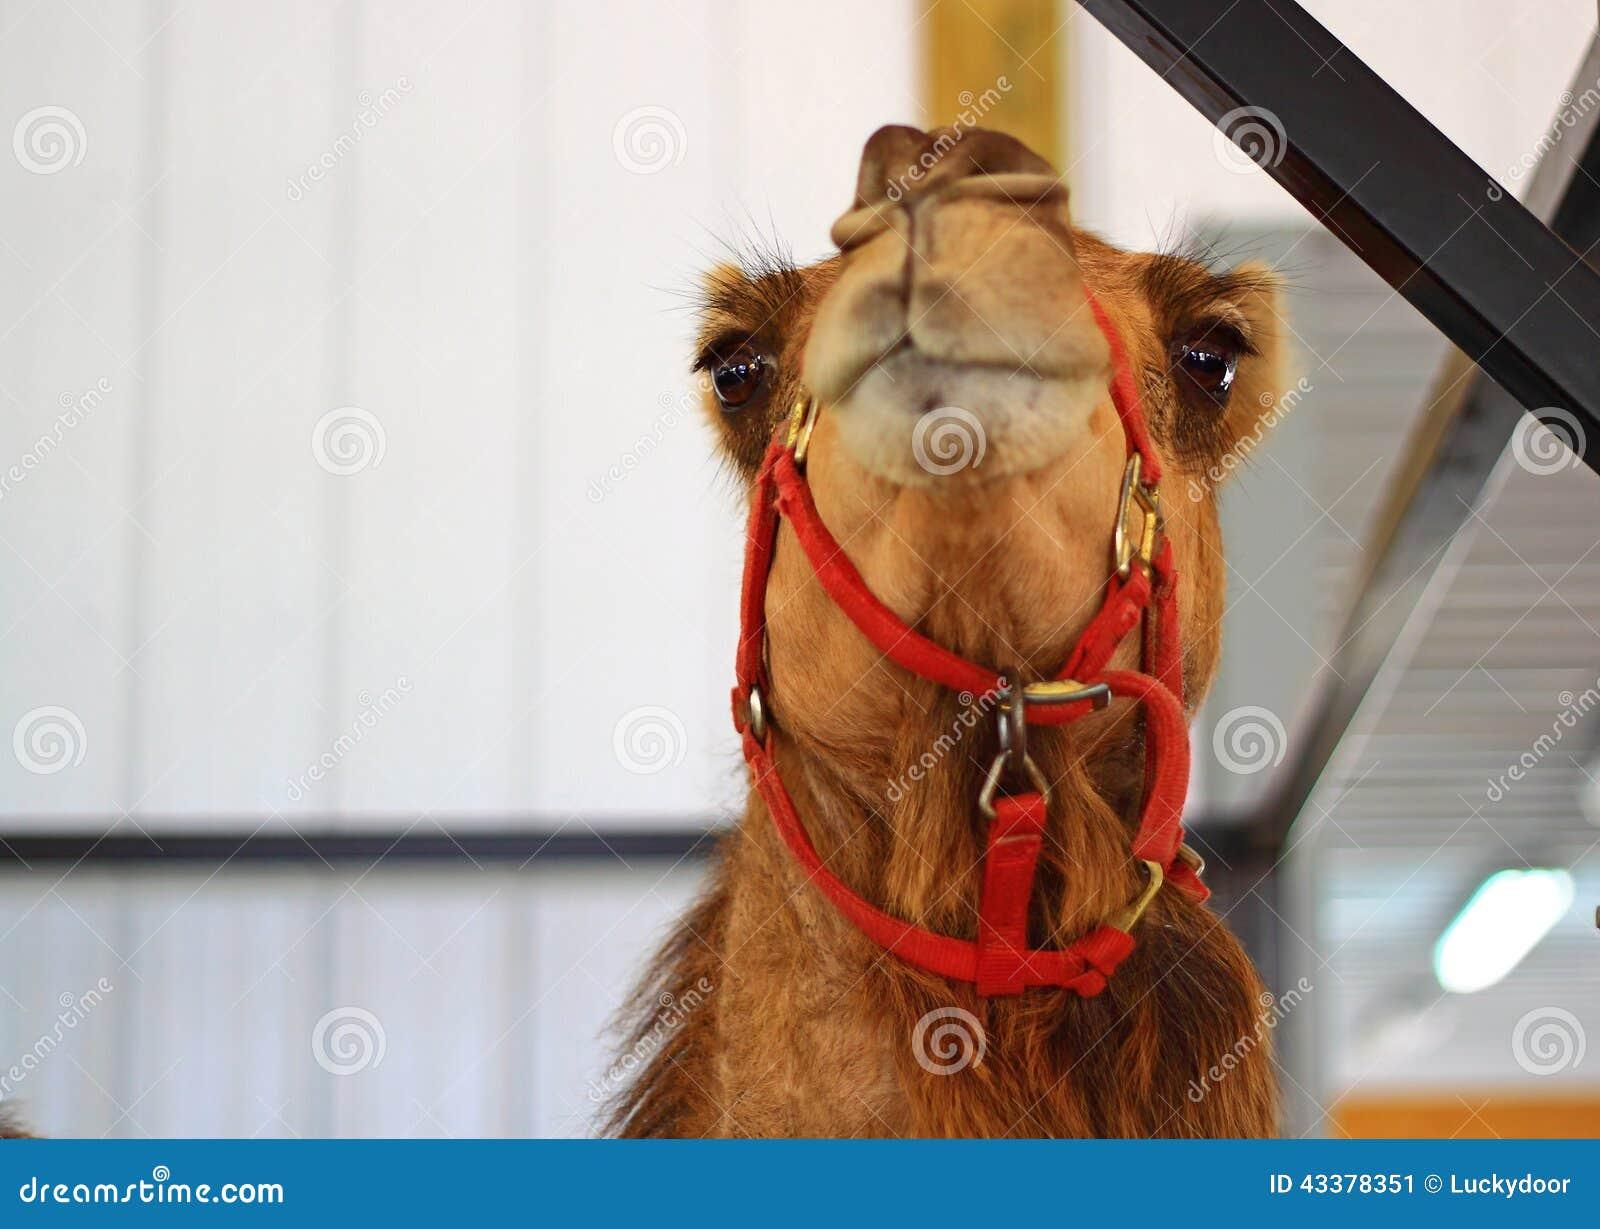 骆驼有几层眼睫�_与两只光亮的眼睛的滑稽的骆驼.